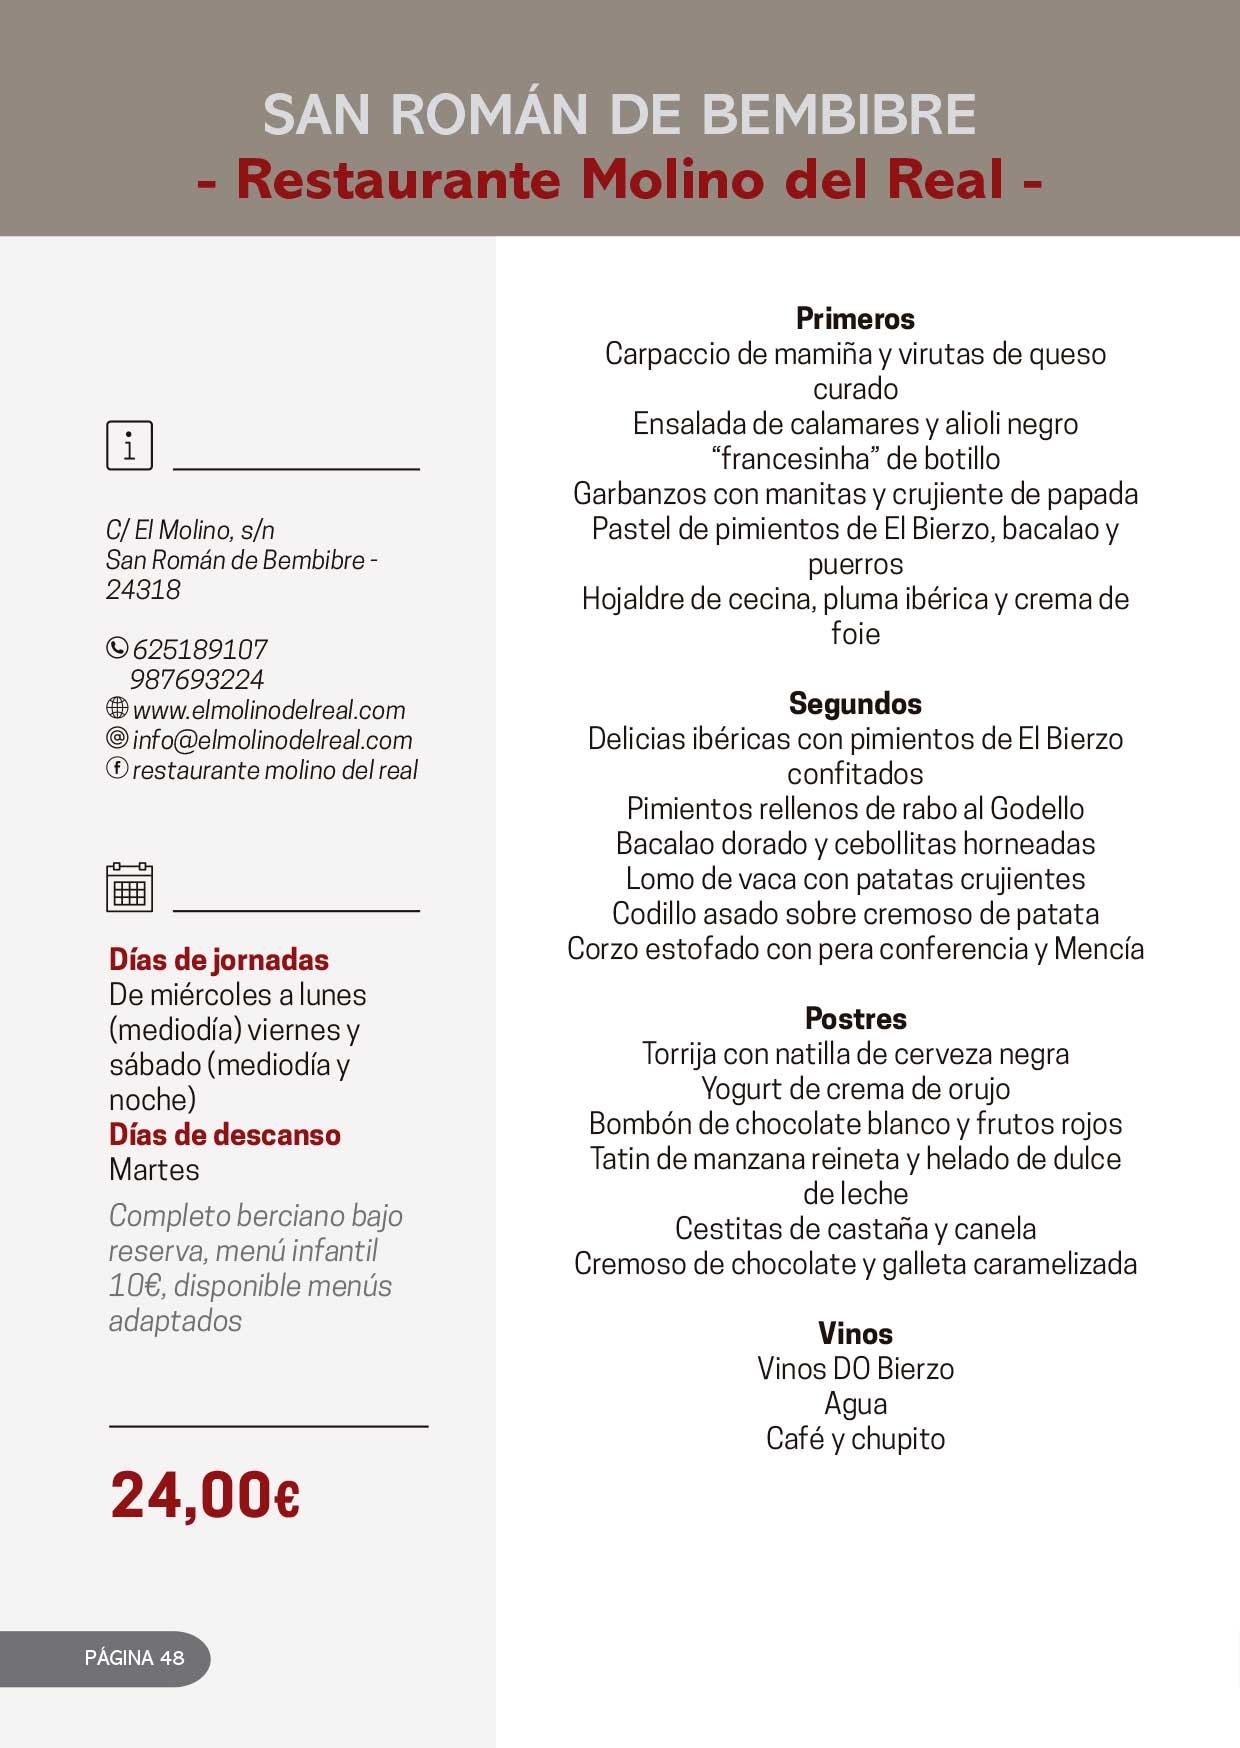 Las Jornadas Gastronómicas del Bierzo llegan a su 34 edición 31